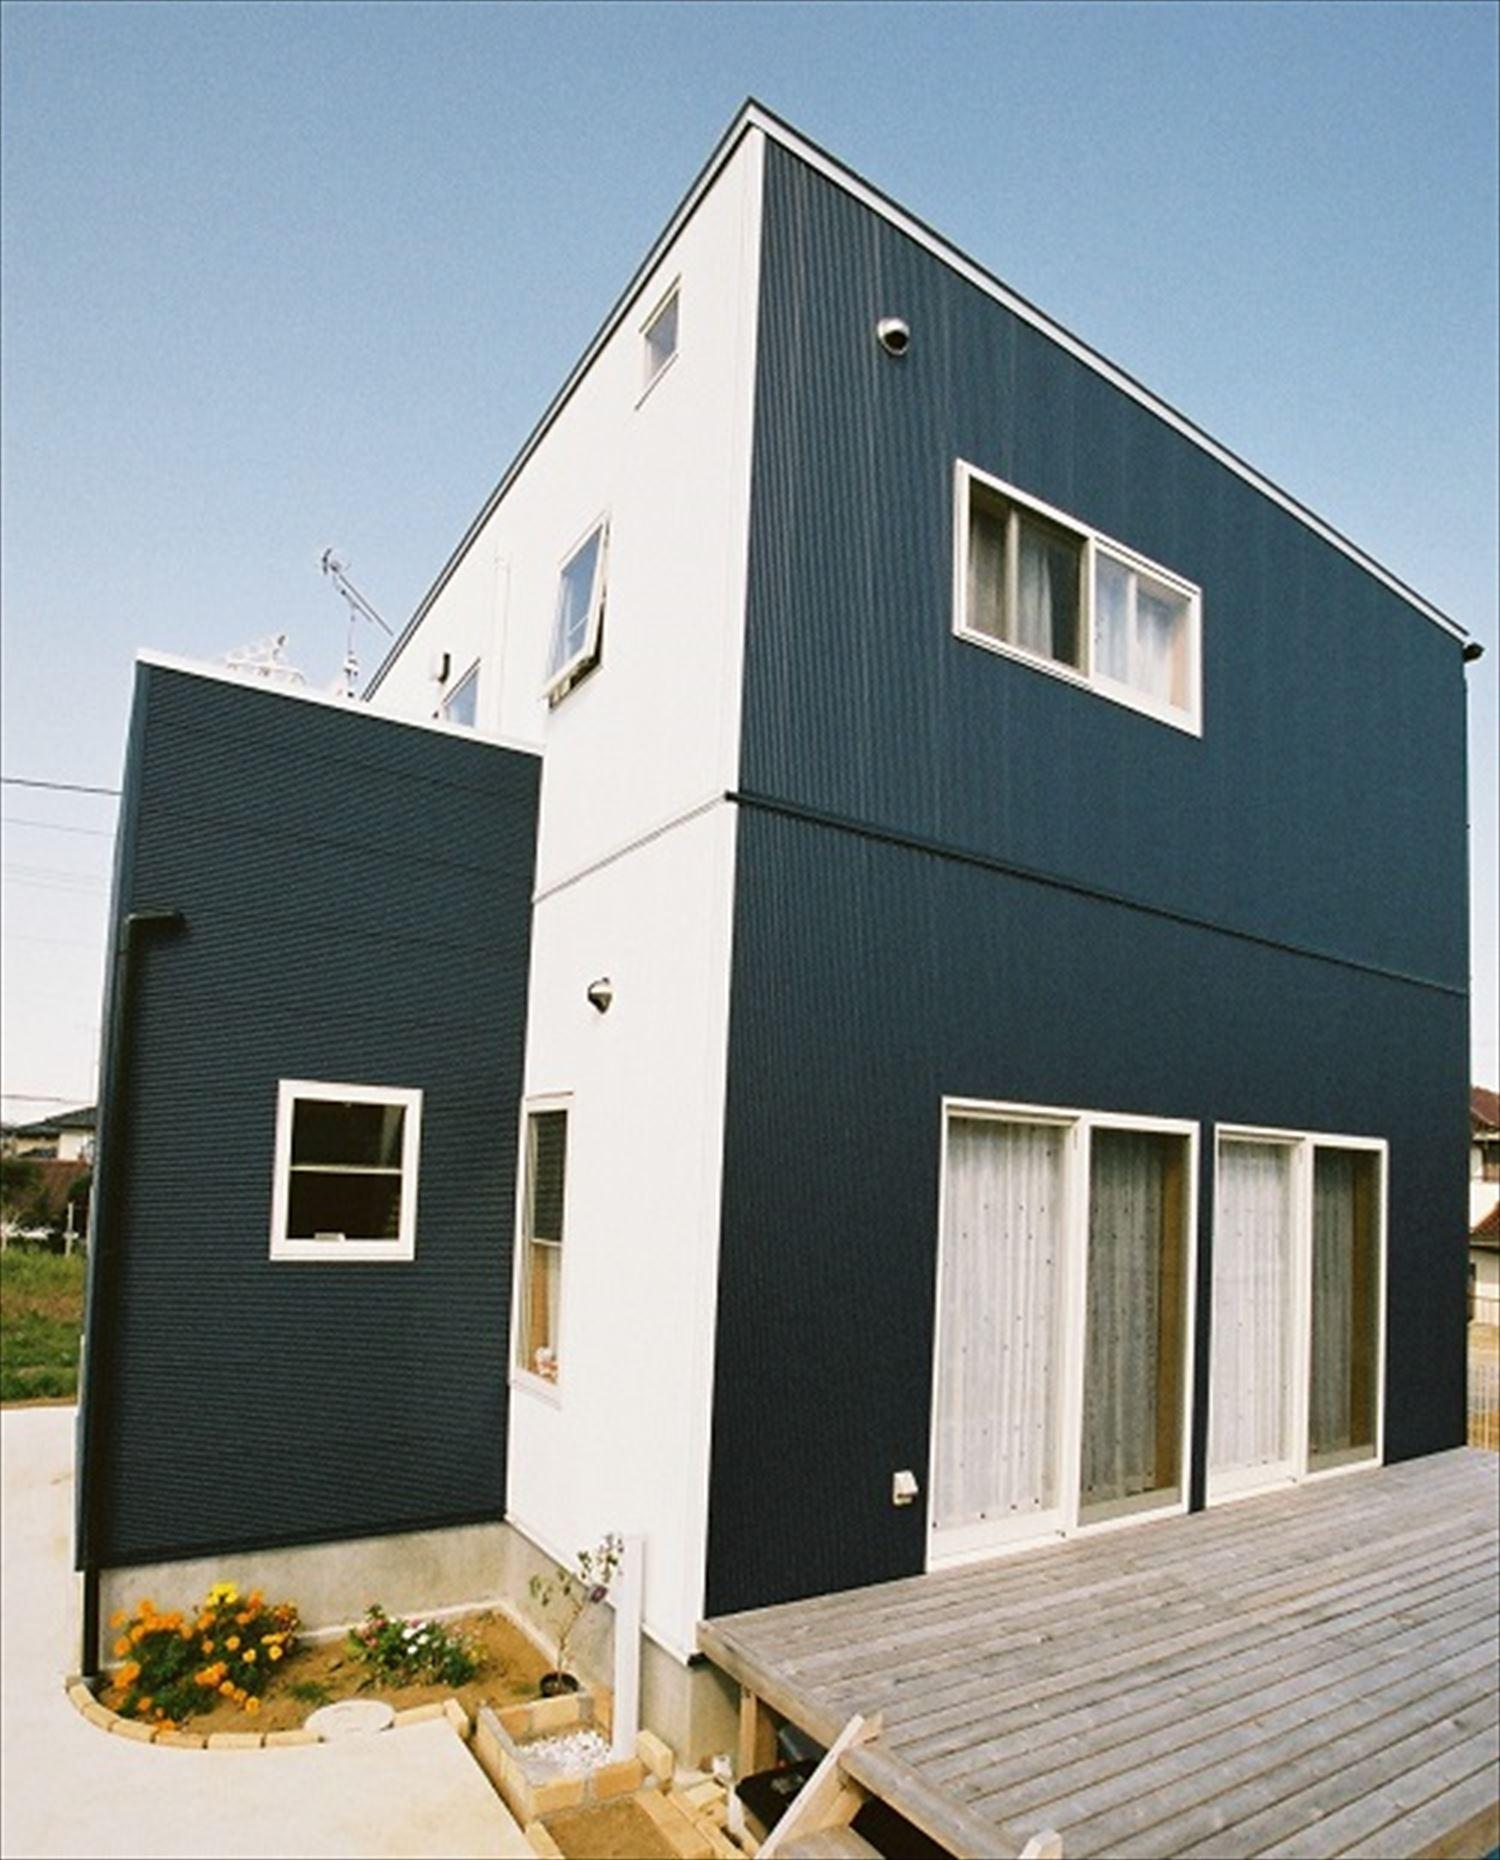 ガルバリウム外壁の二階建ての外観5|石岡市の注文住宅,ログハウスのような木の家を低価格で建てるならエイ・ワン